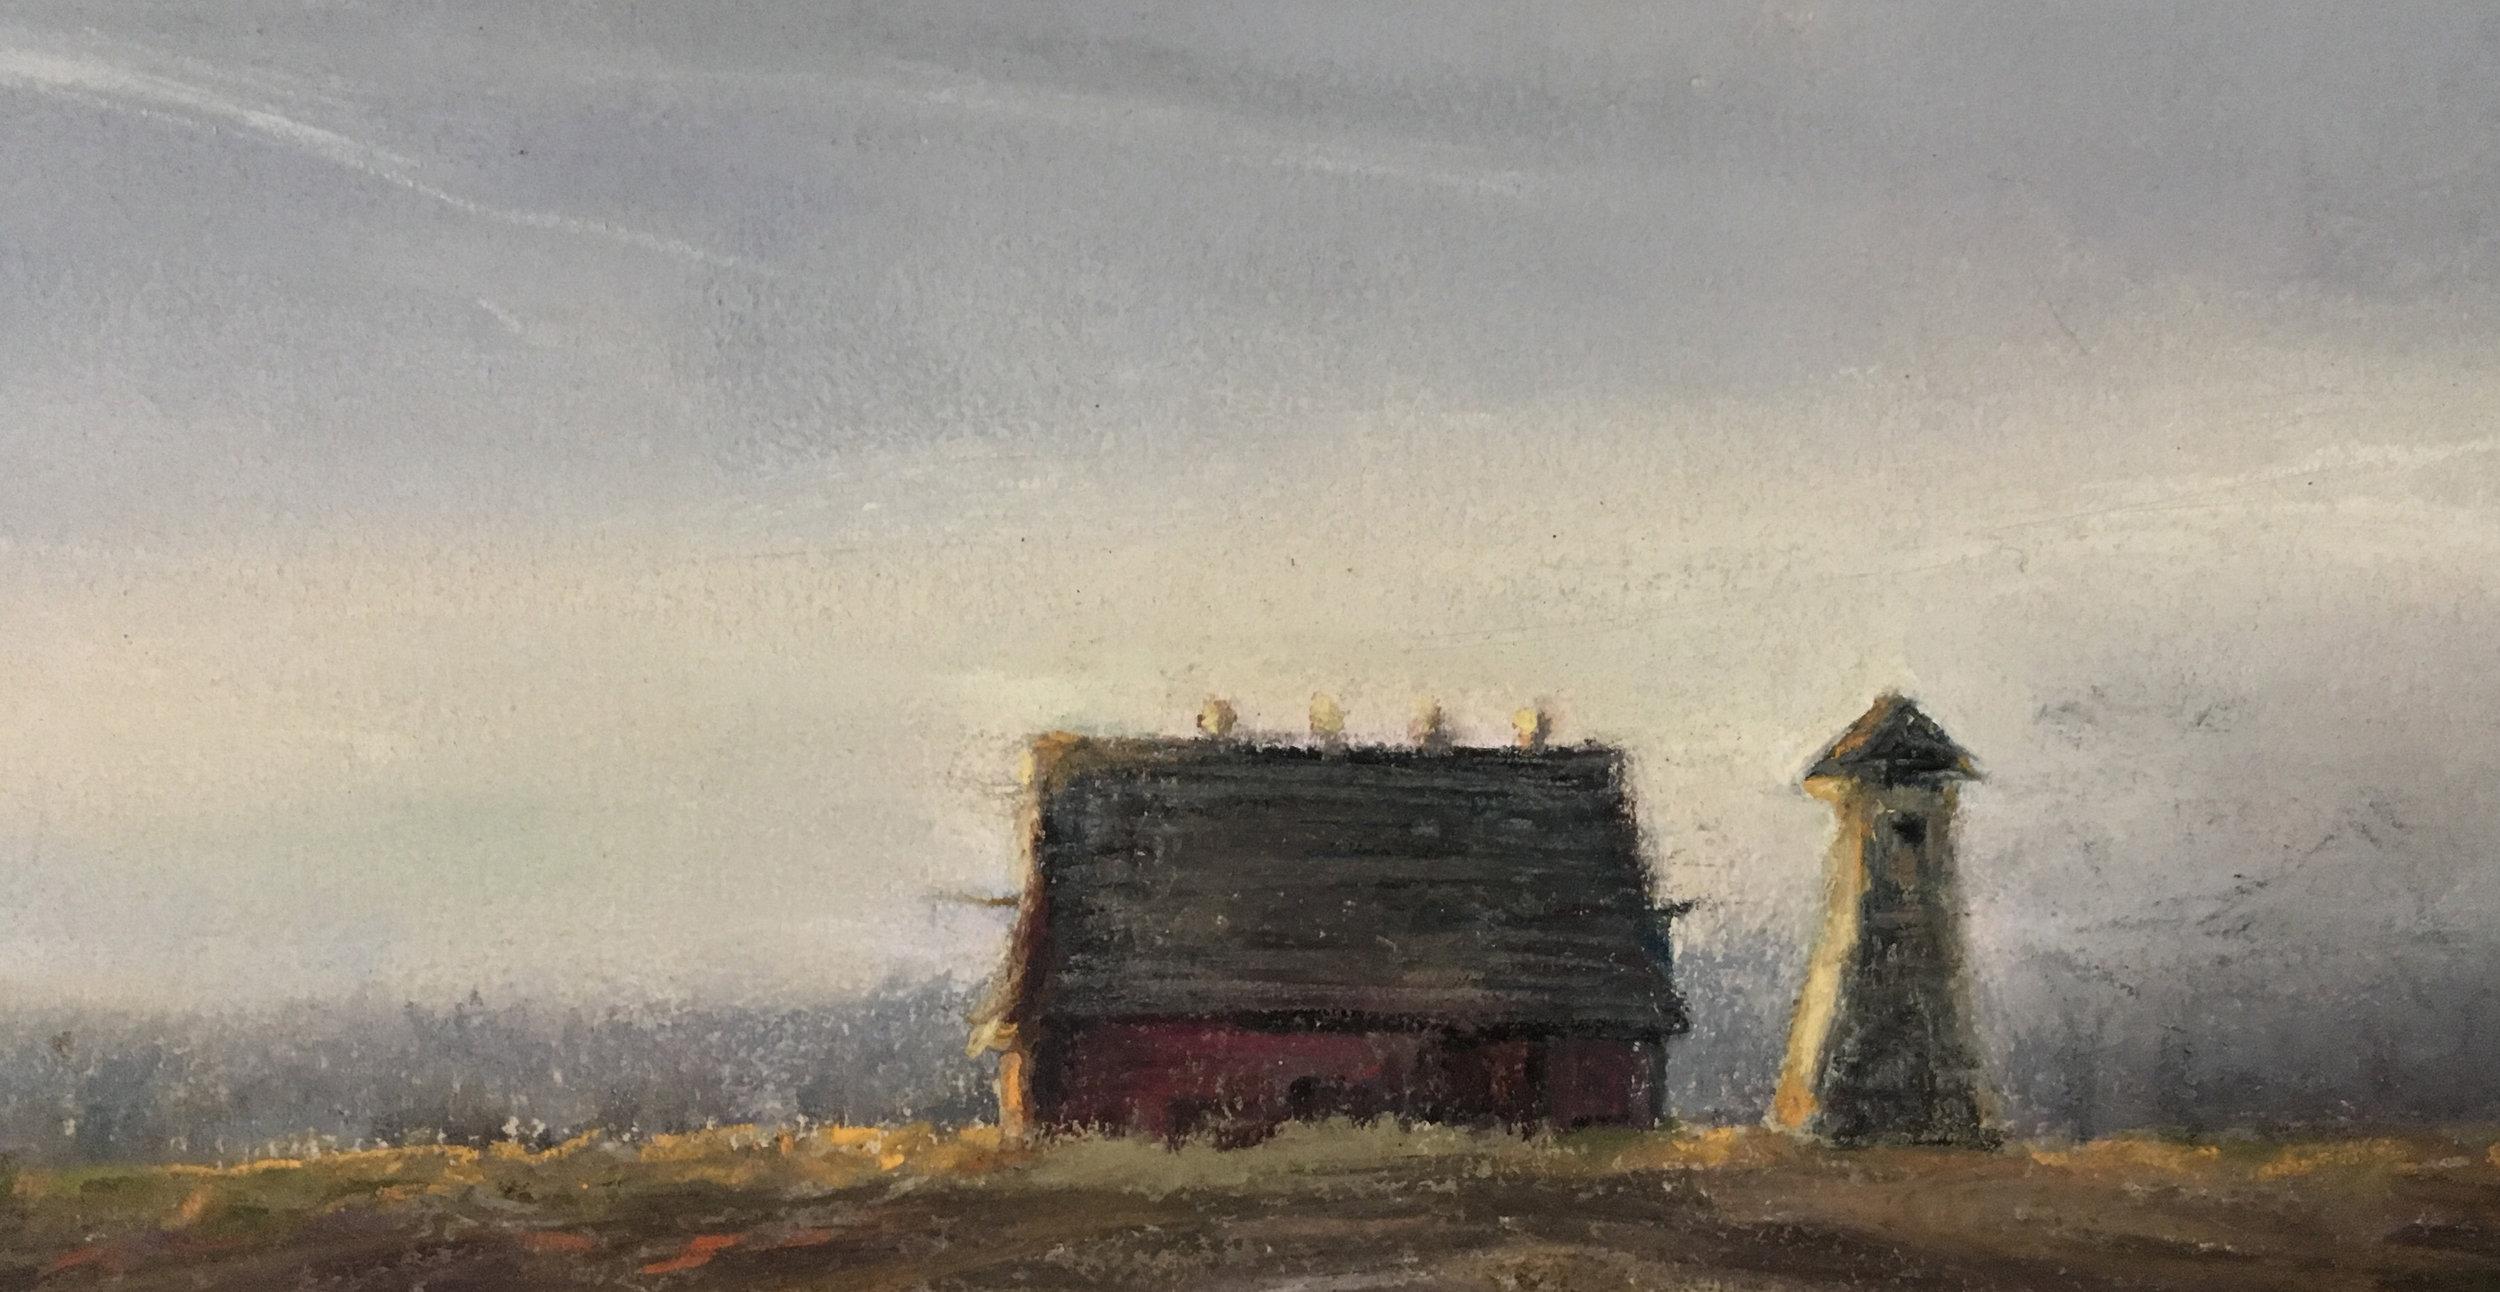 Water Tower & Barn - November